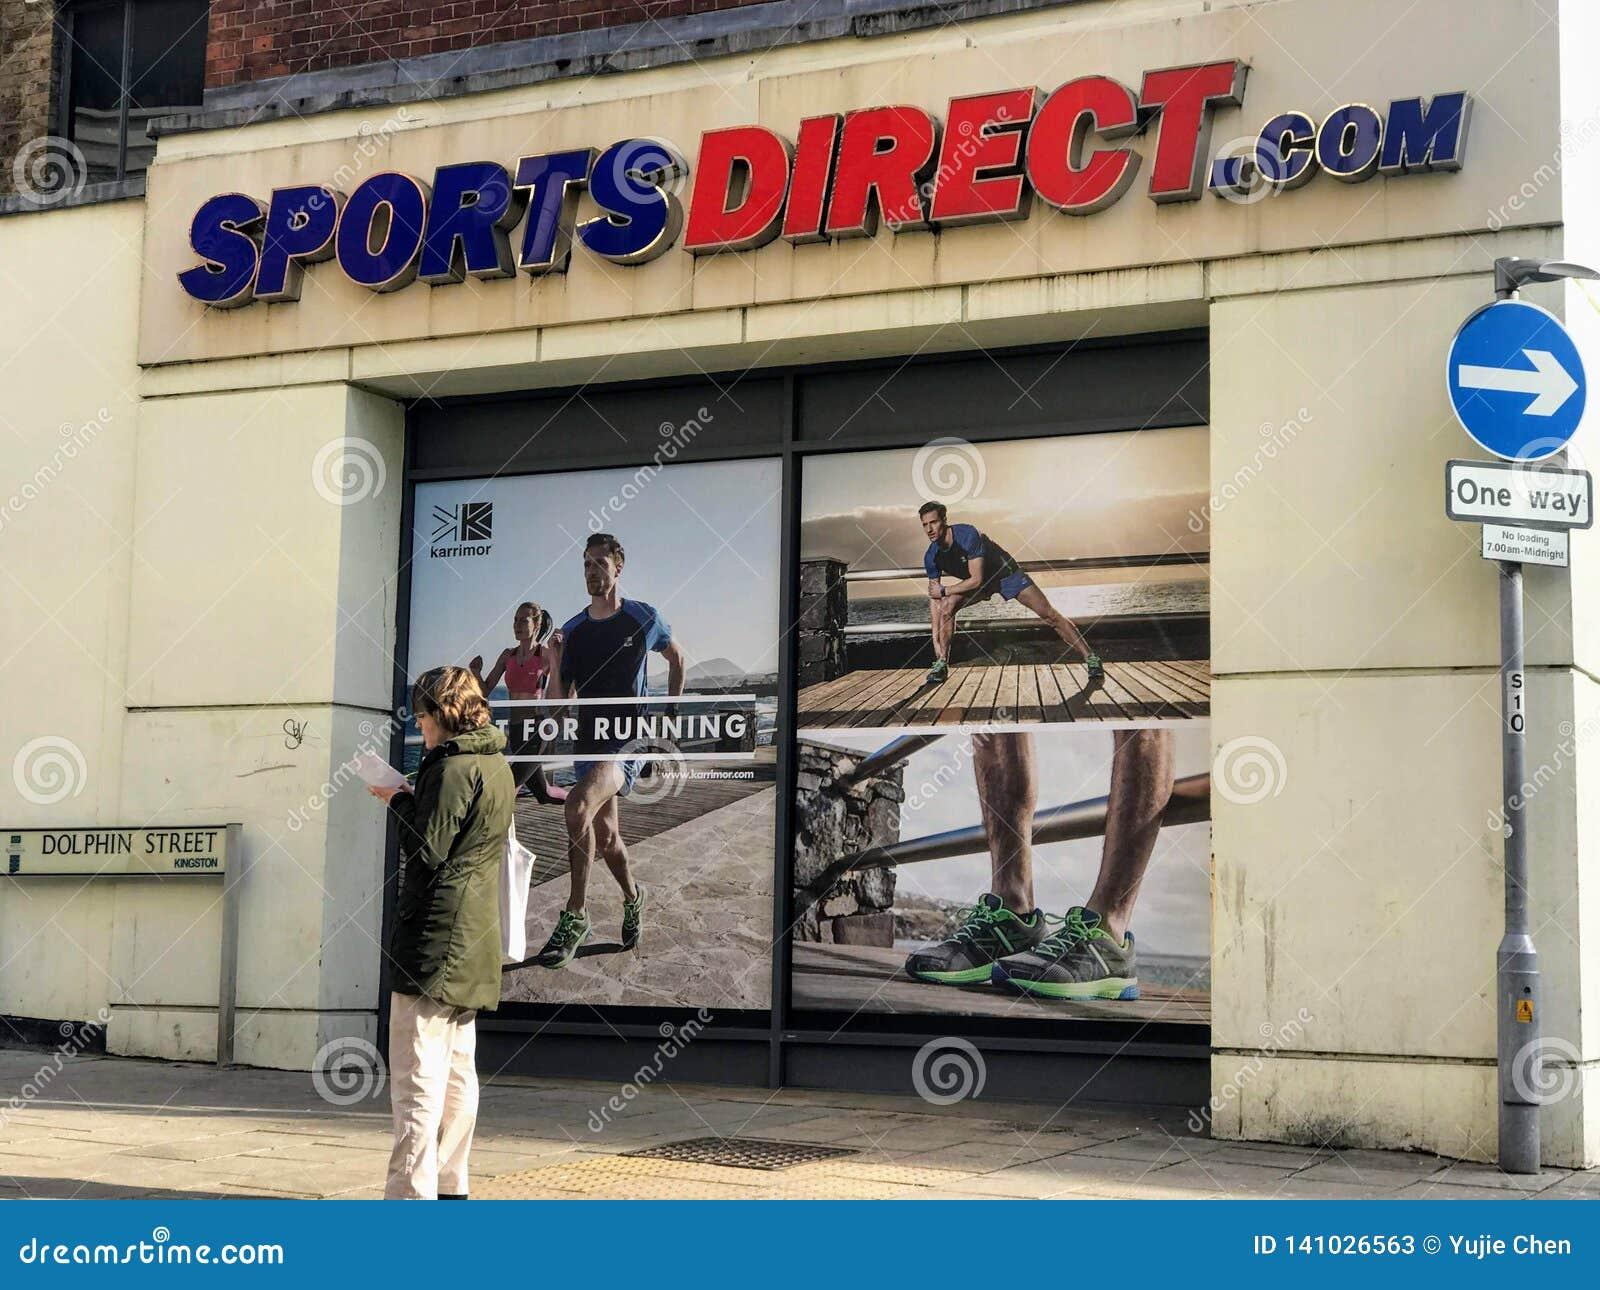 Deportes tienda directa, Londres